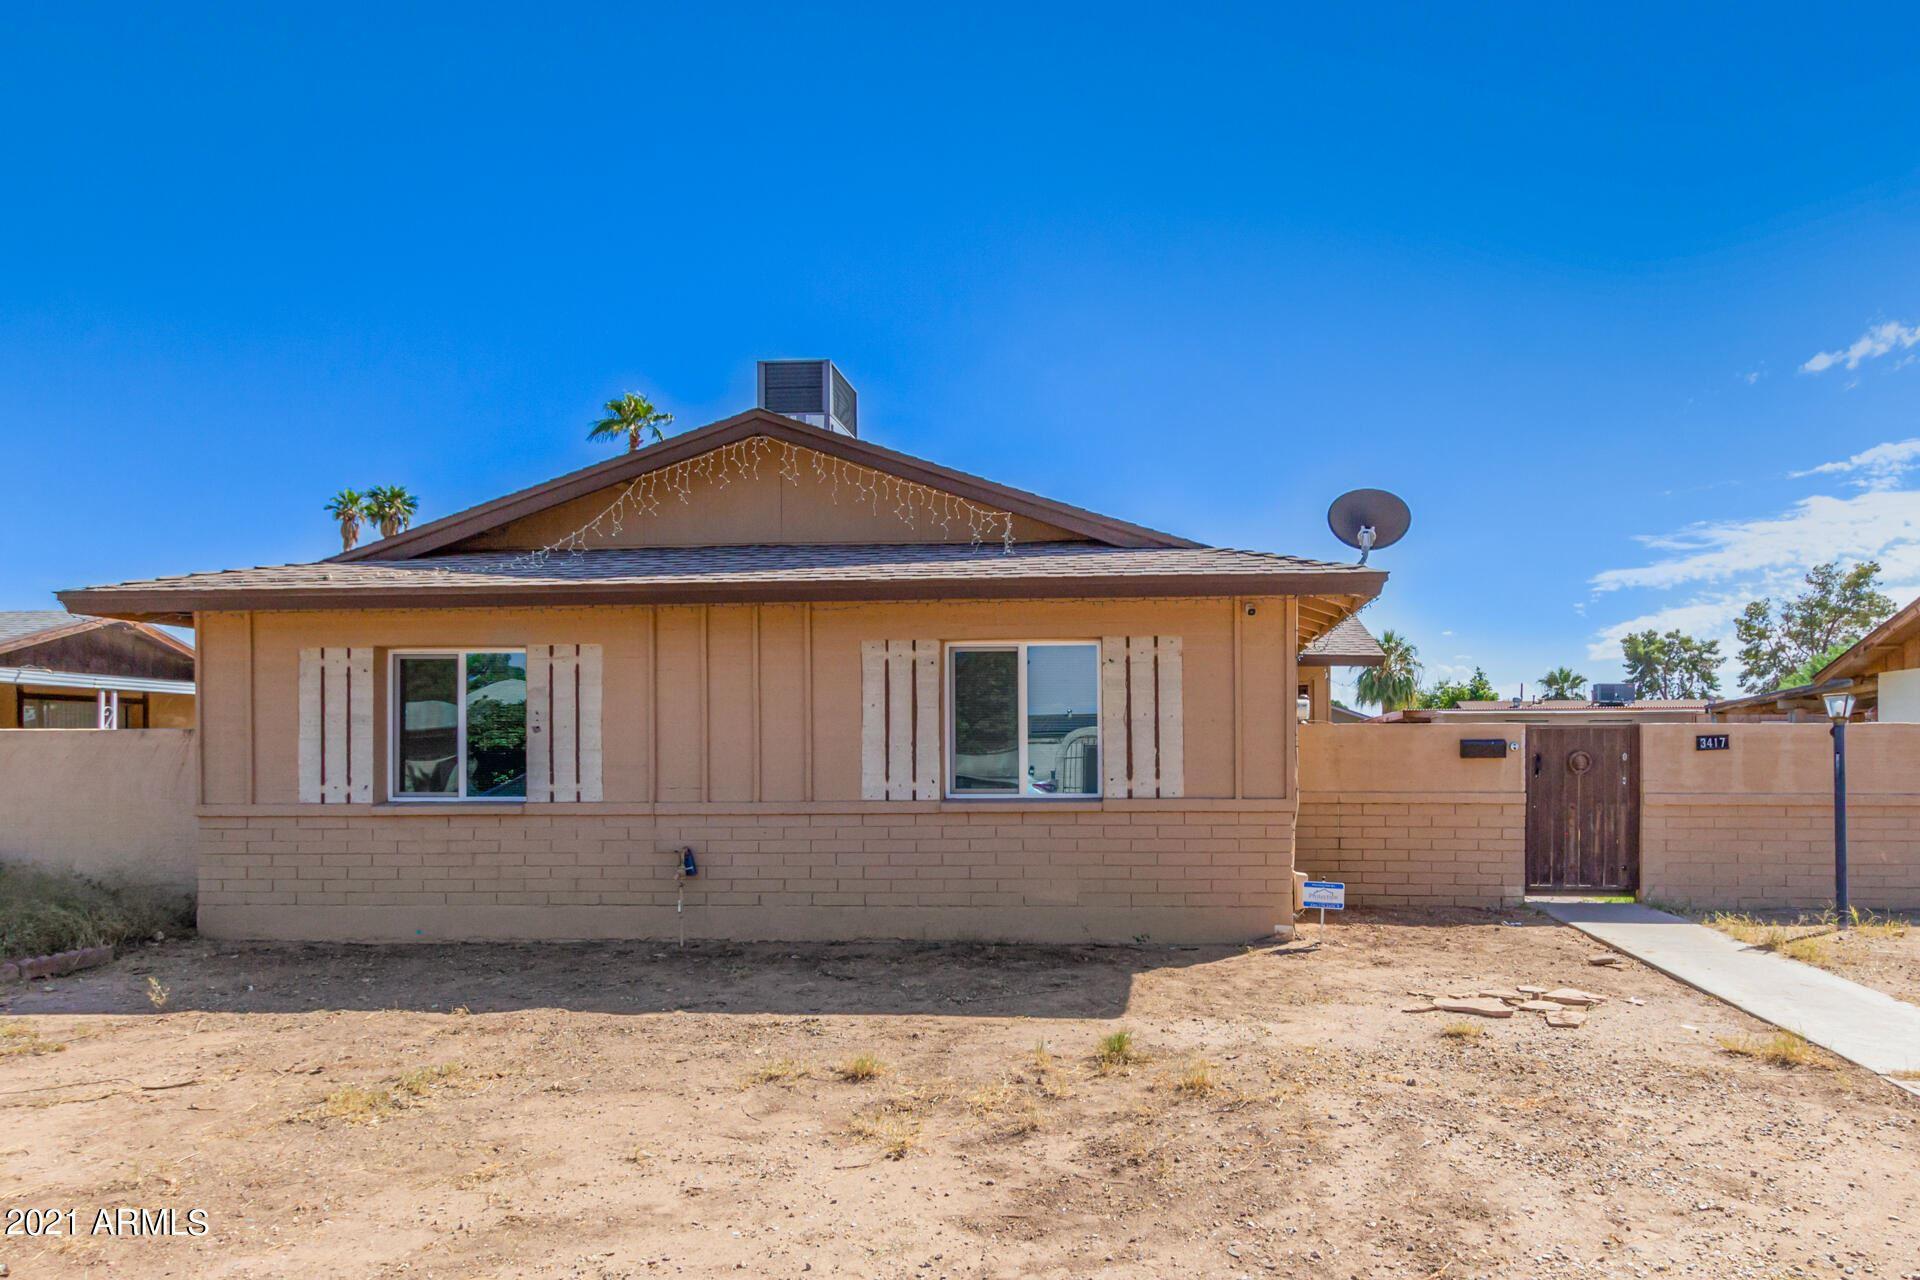 3417 W SAINT MORITZ Lane, Phoenix, AZ 85053 - MLS#: 6298223